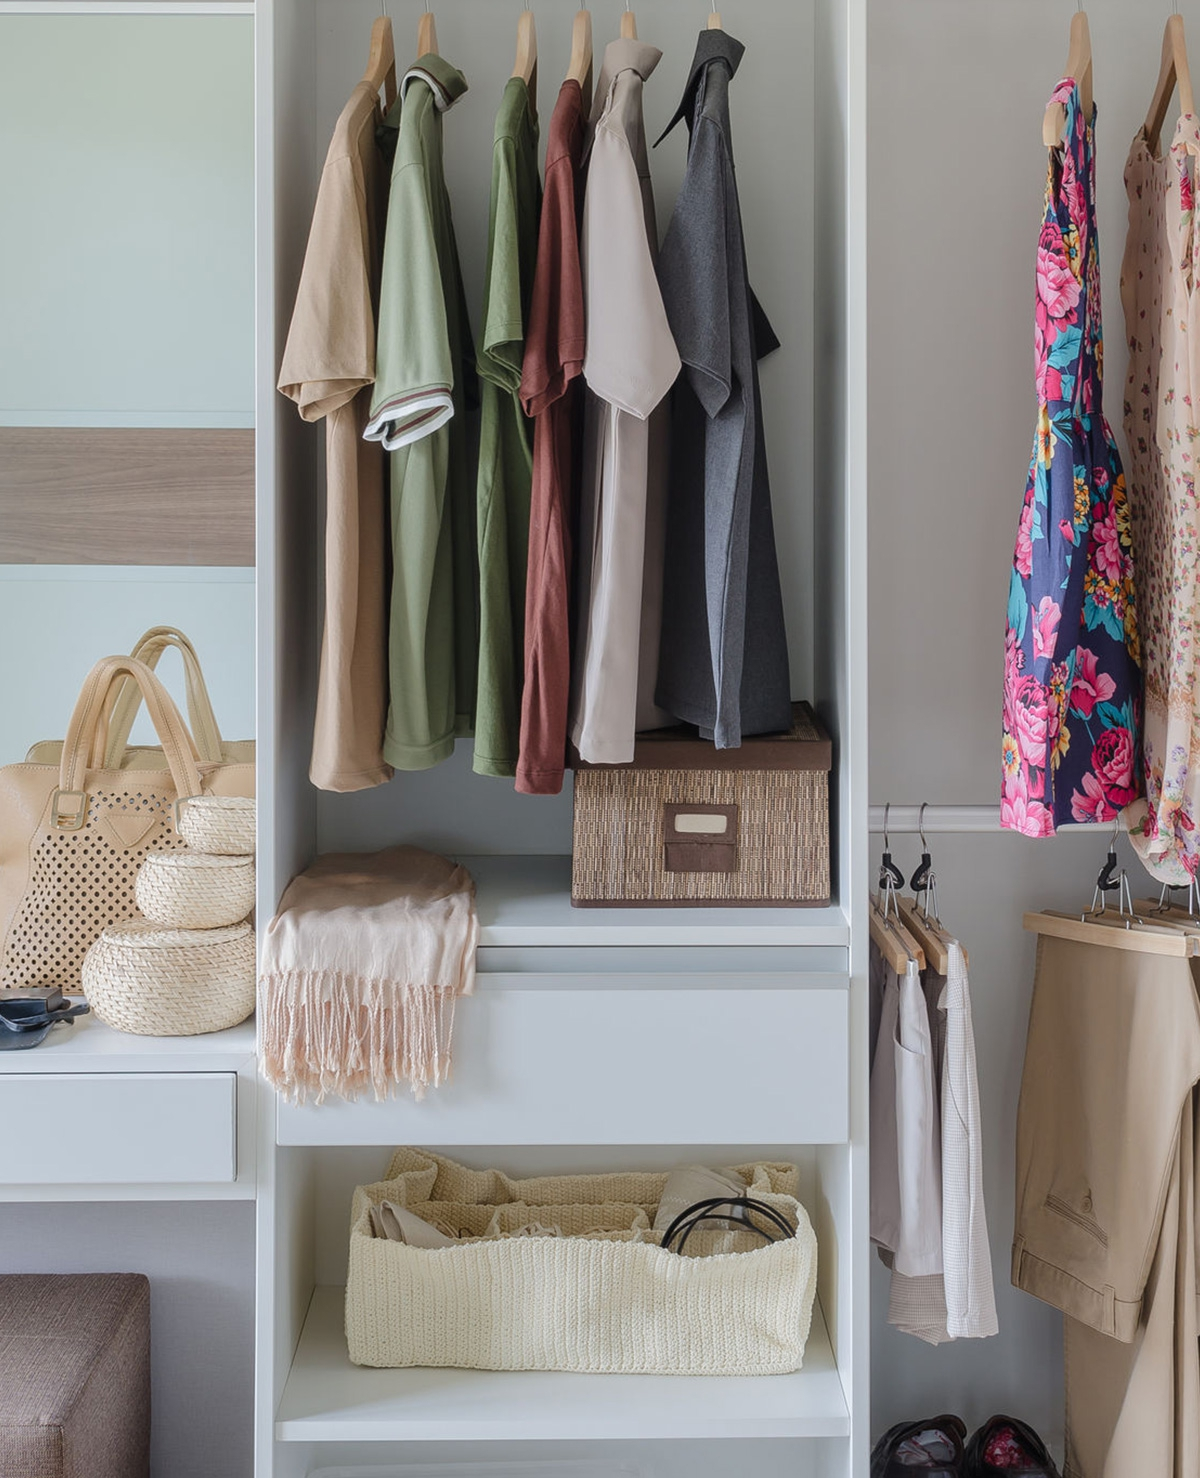 Met deze tips is jouw kledingkast in het vervolg écht opgeruimd